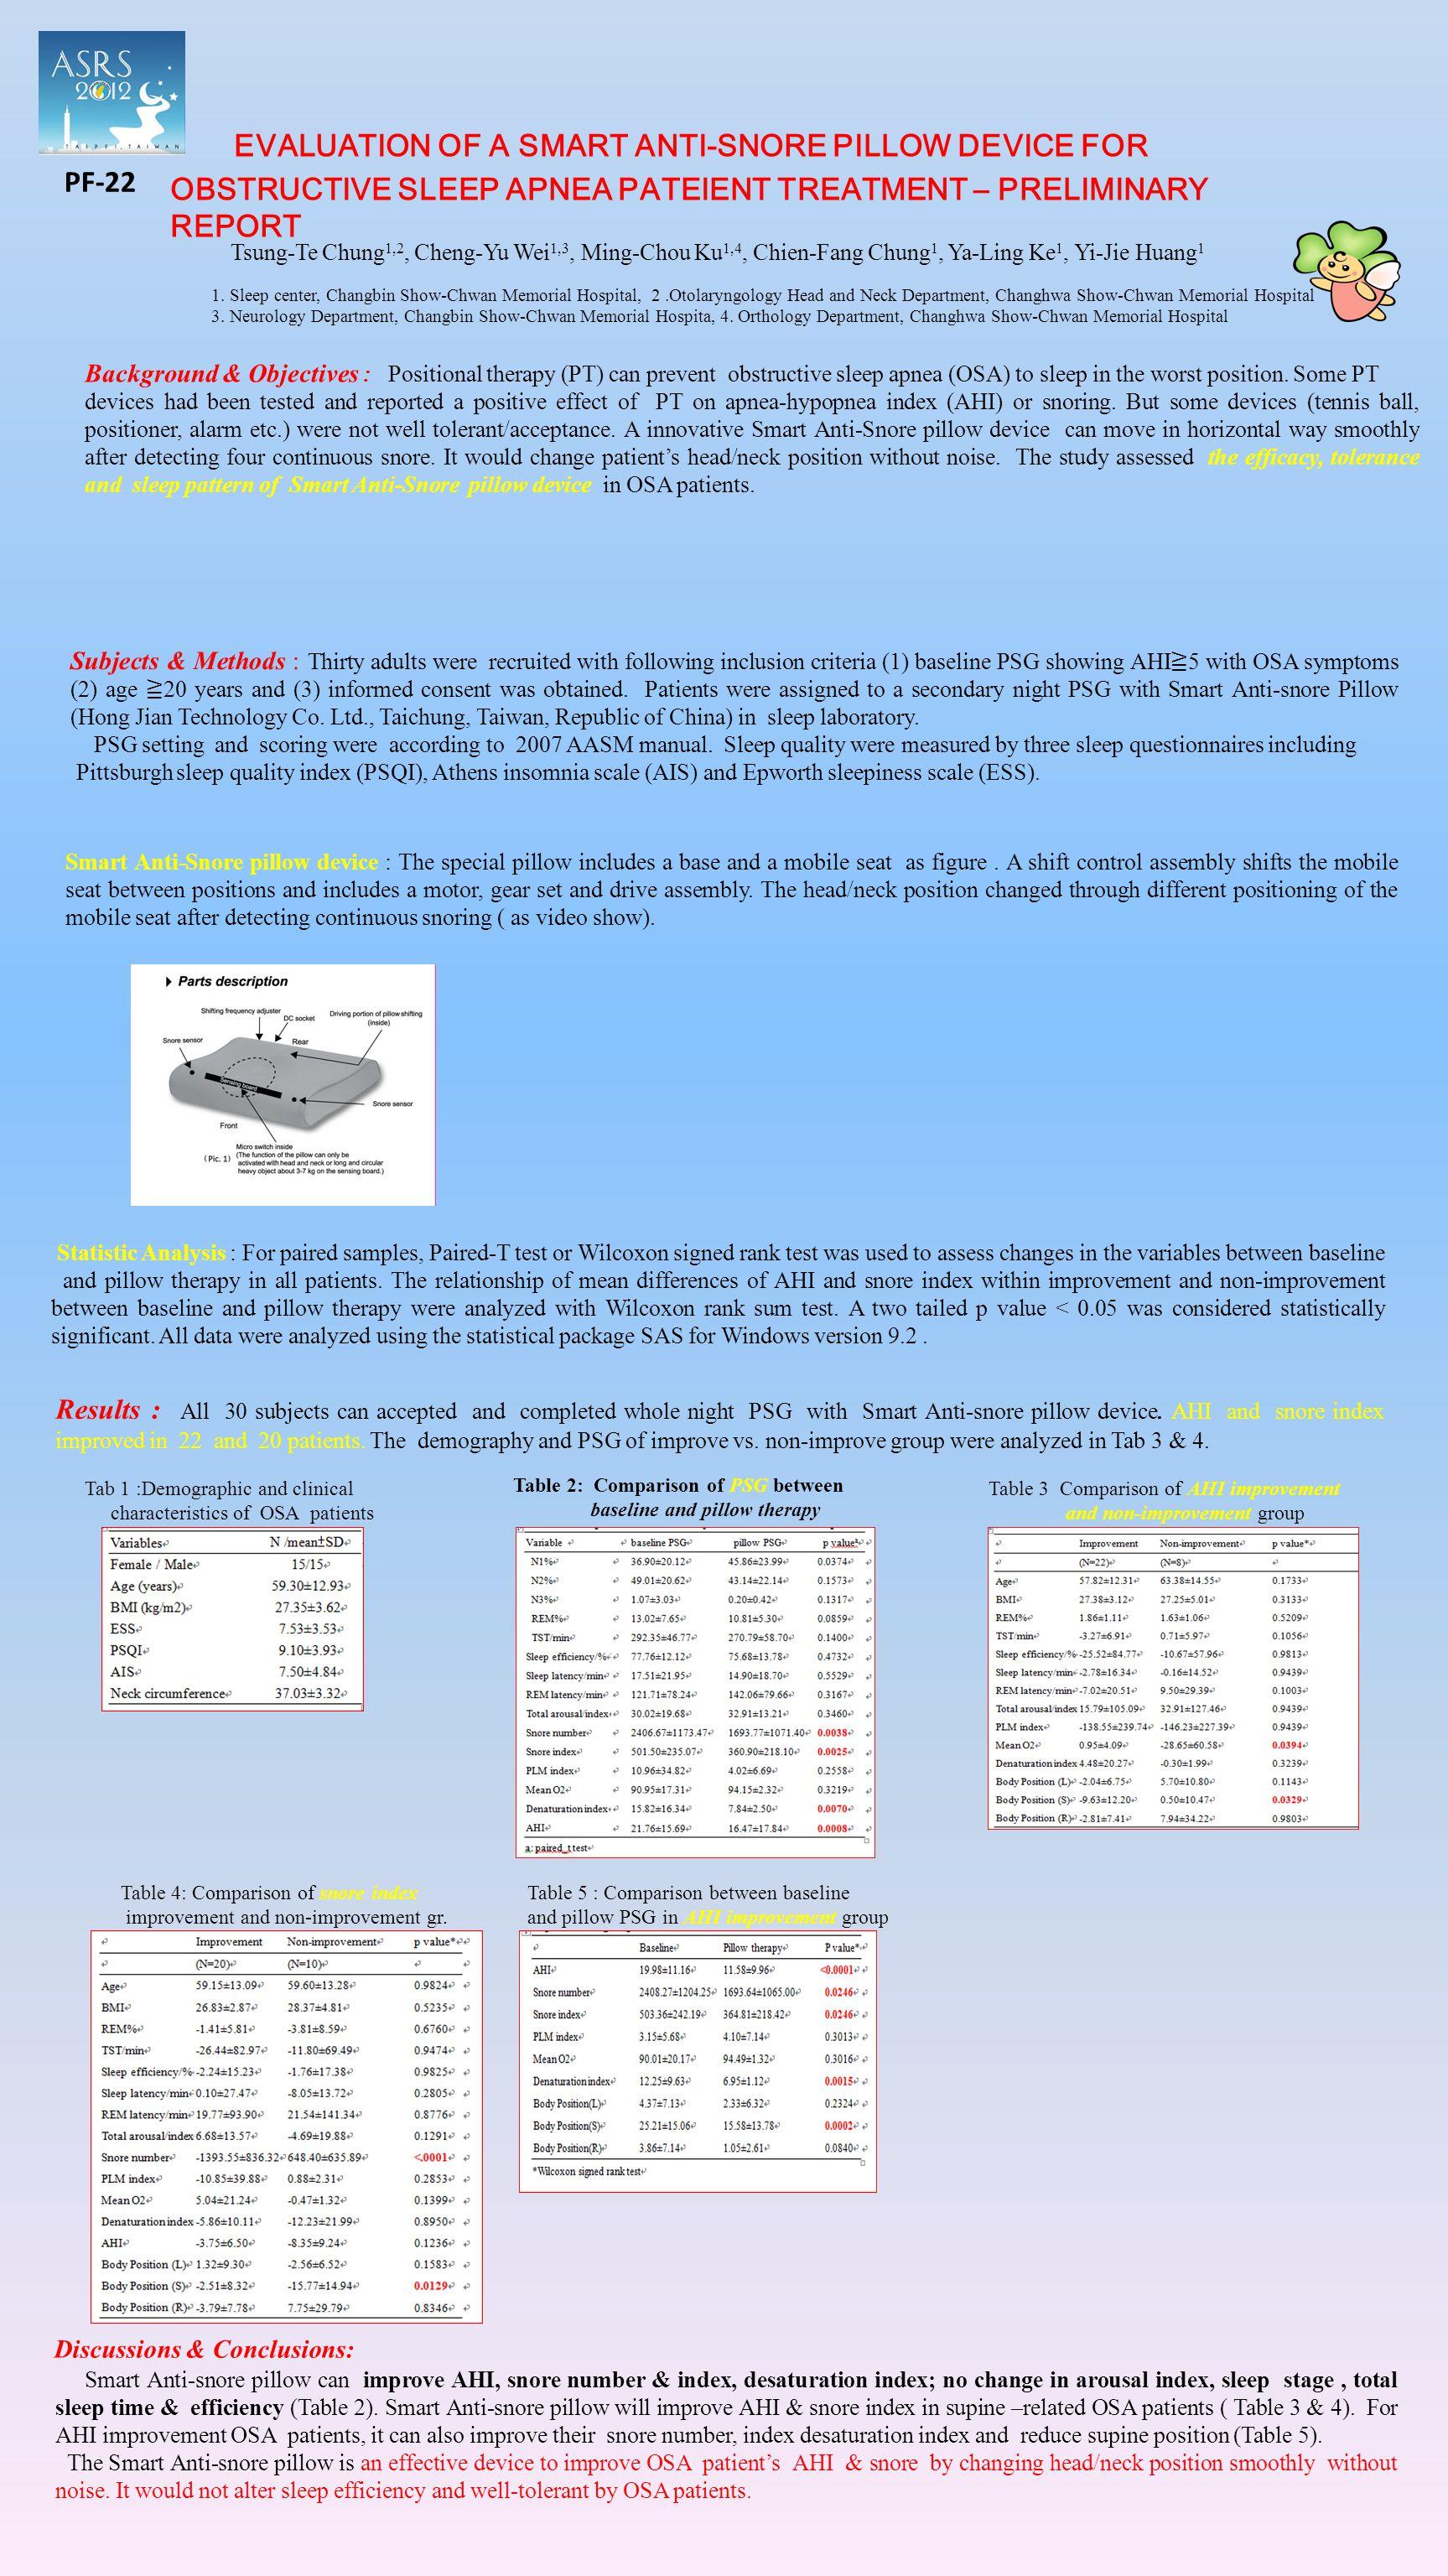 PF-22 EVALUATION OF A SMART ANTI-SNORE PILLOW DEVICE FOR OBSTRUCTIVE SLEEP APNEA PATEIENT TREATMENT – PRELIMINARY REPORT Tsung-Te Chung 1,2, Cheng-Yu Wei 1,3, Ming-Chou Ku 1,4, Chien-Fang Chung 1, Ya-Ling Ke 1, Yi-Jie Huang 1 1.